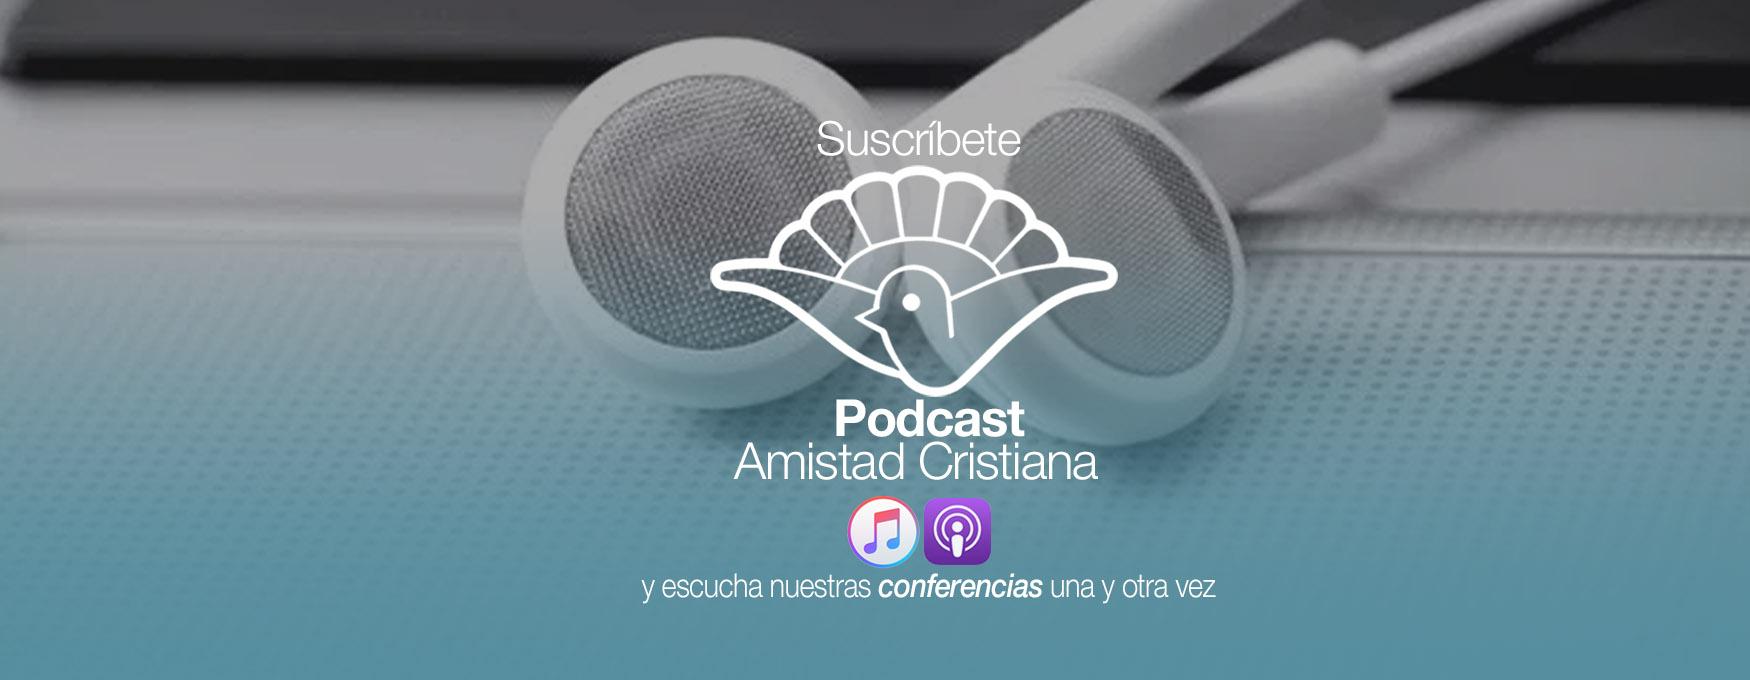 Podcast-AmistadCristiana2